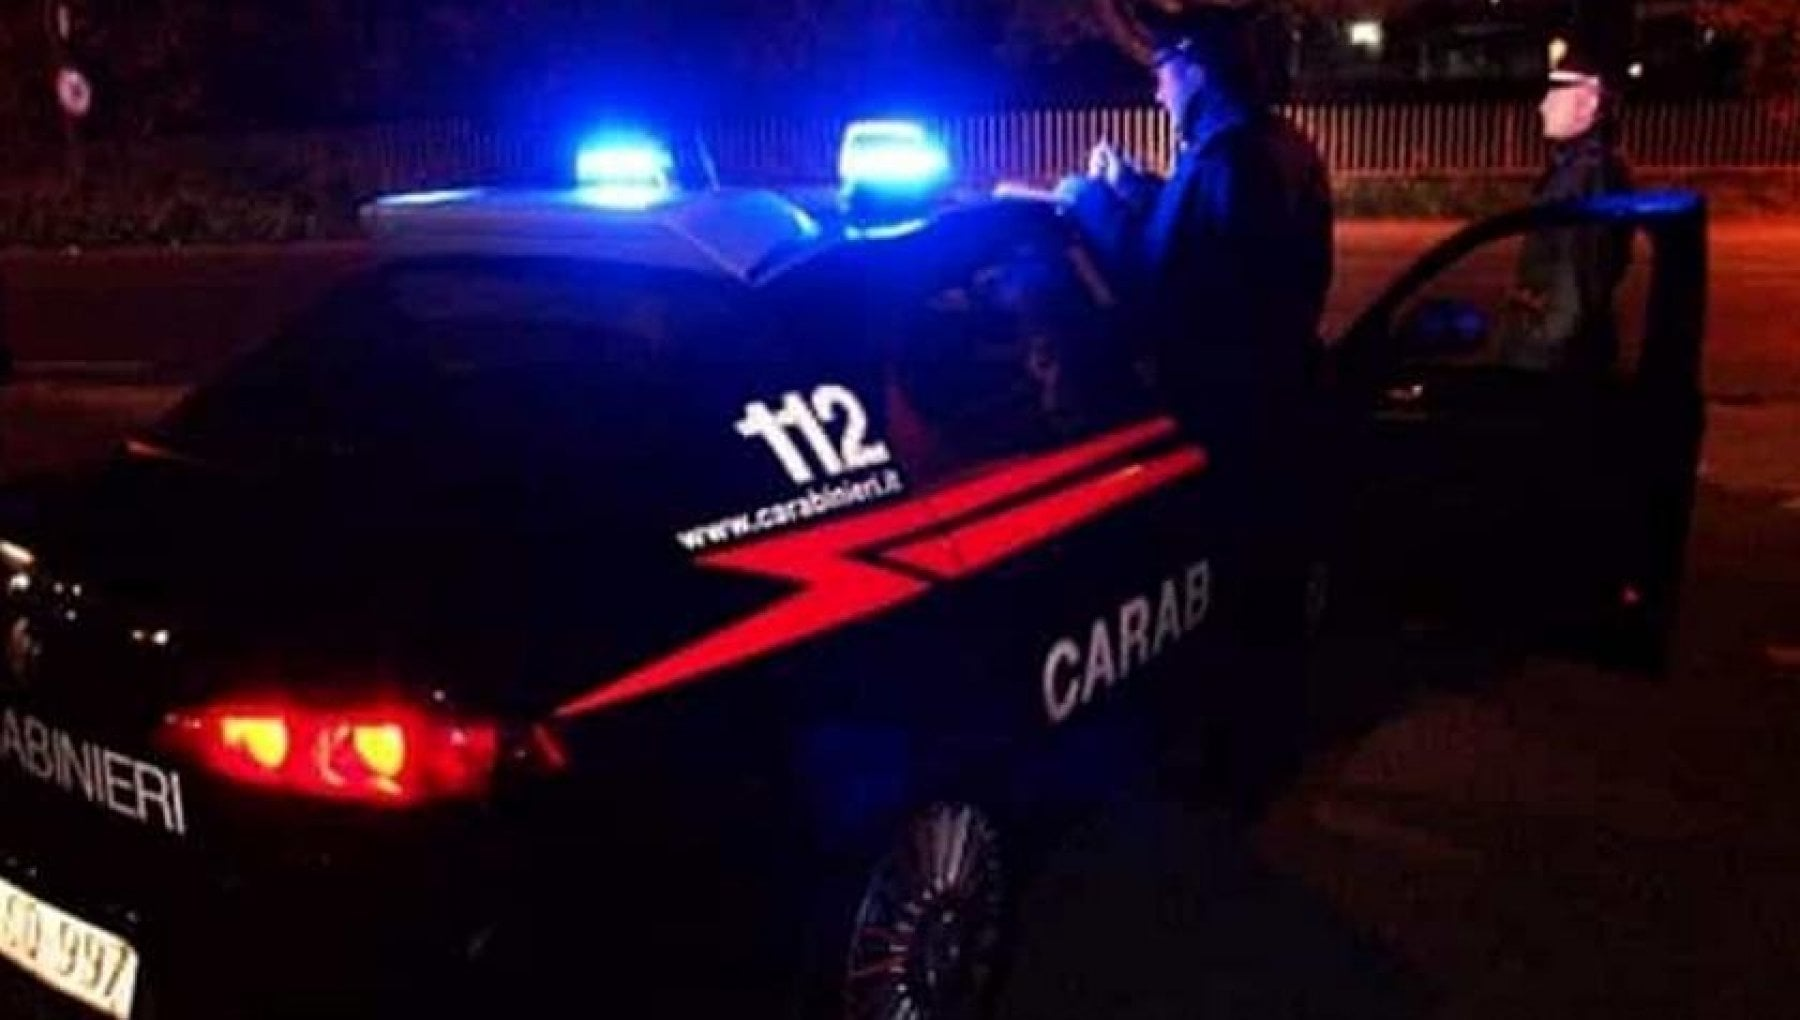 Milano uomo ucciso a coltellate in zona Stazione Centrale. Forse aggredito per rapina